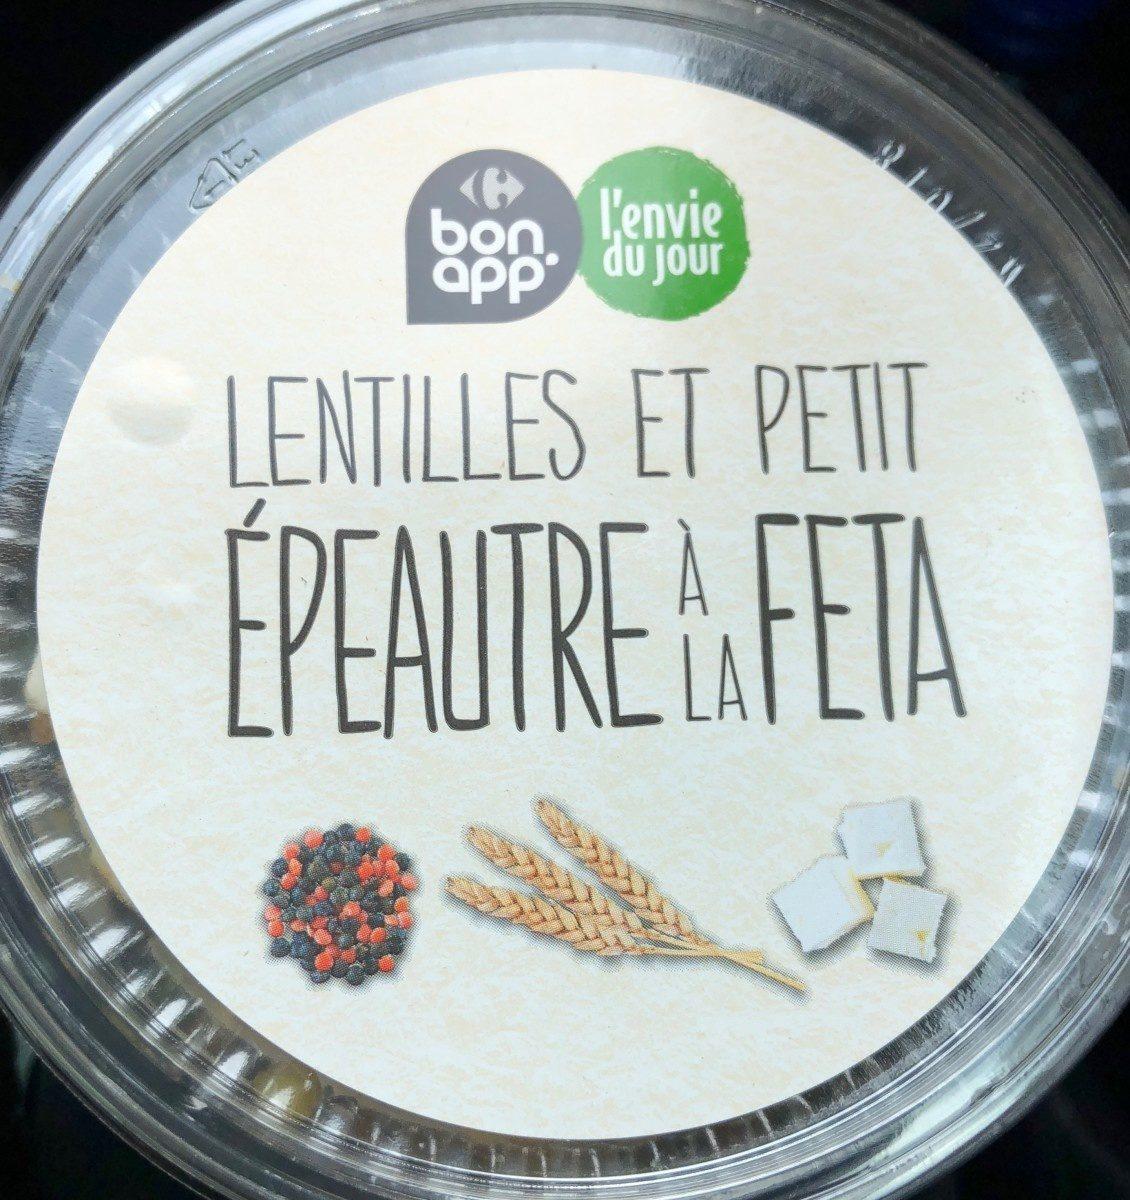 Lentilles et petit epeautre a la feta - Product